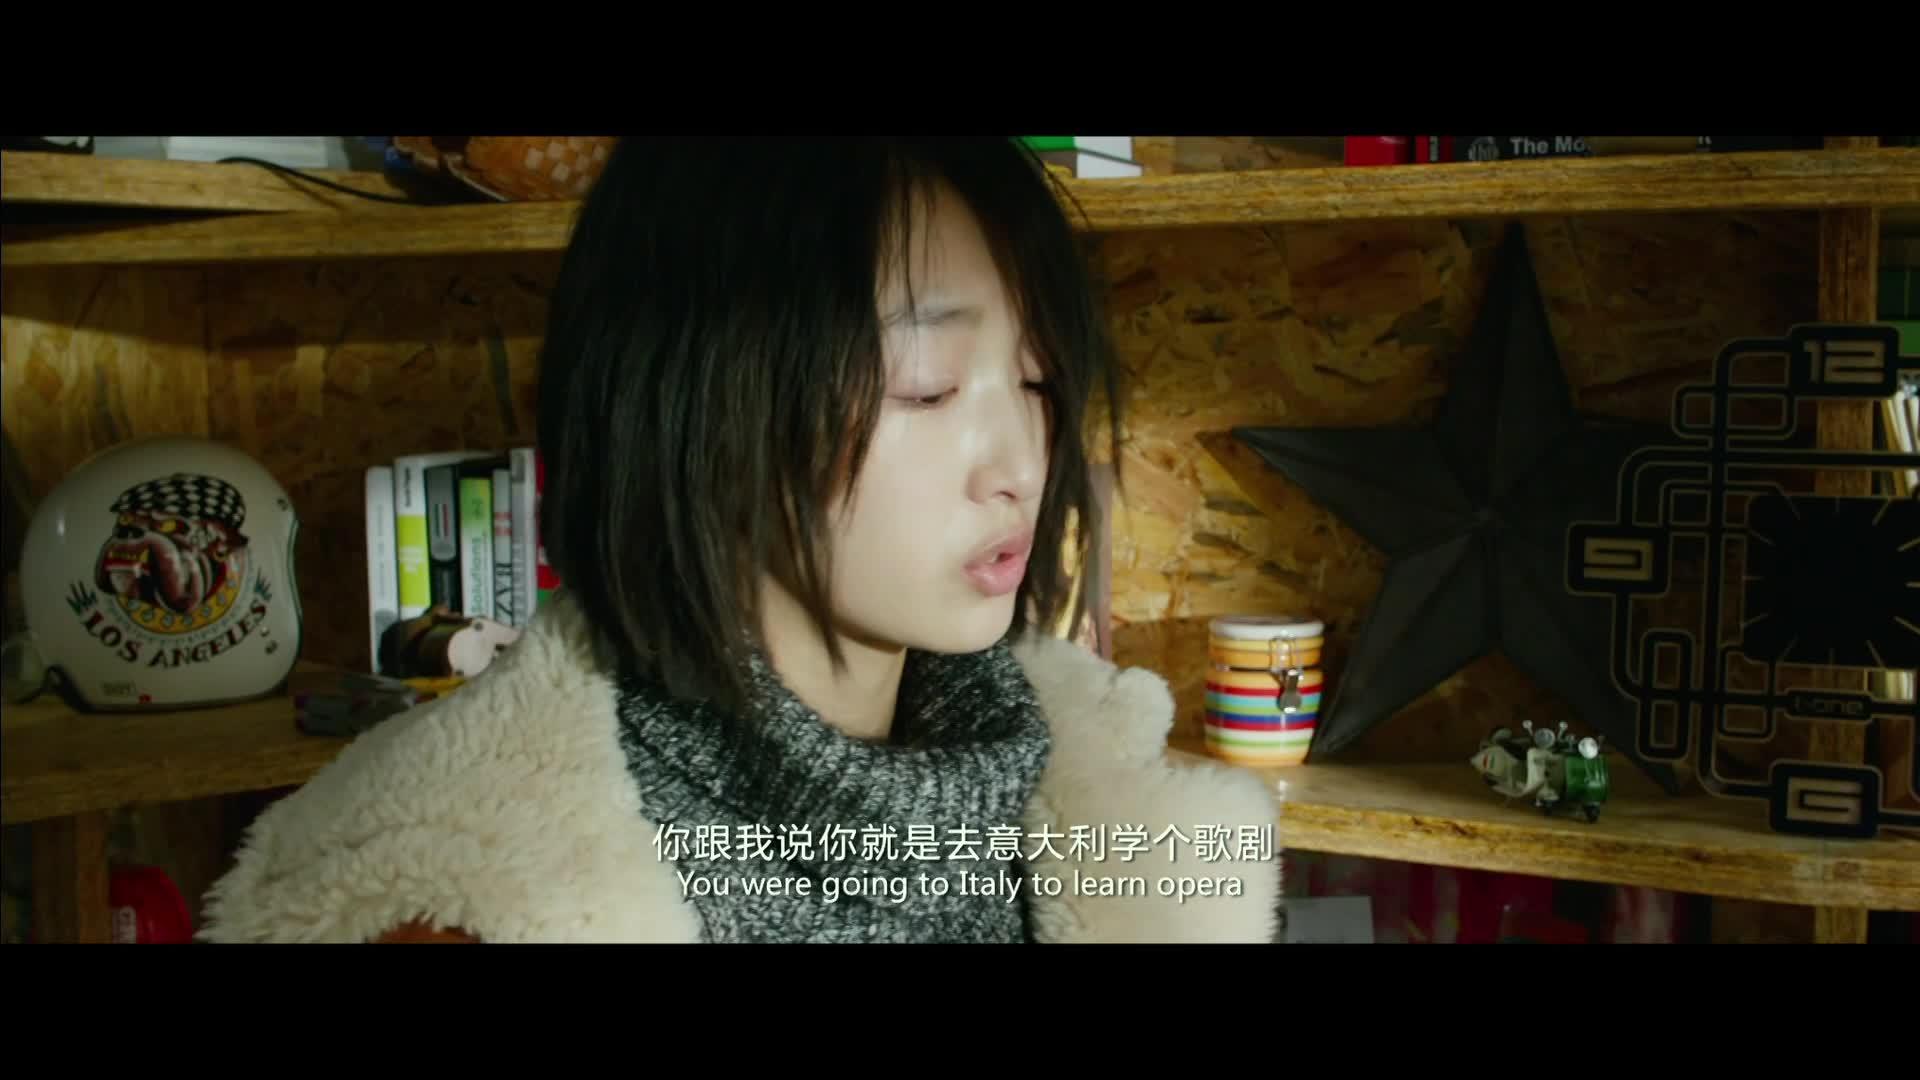 俊浩戏谑的对她说道歉可以,但是她要做自己的女朋友